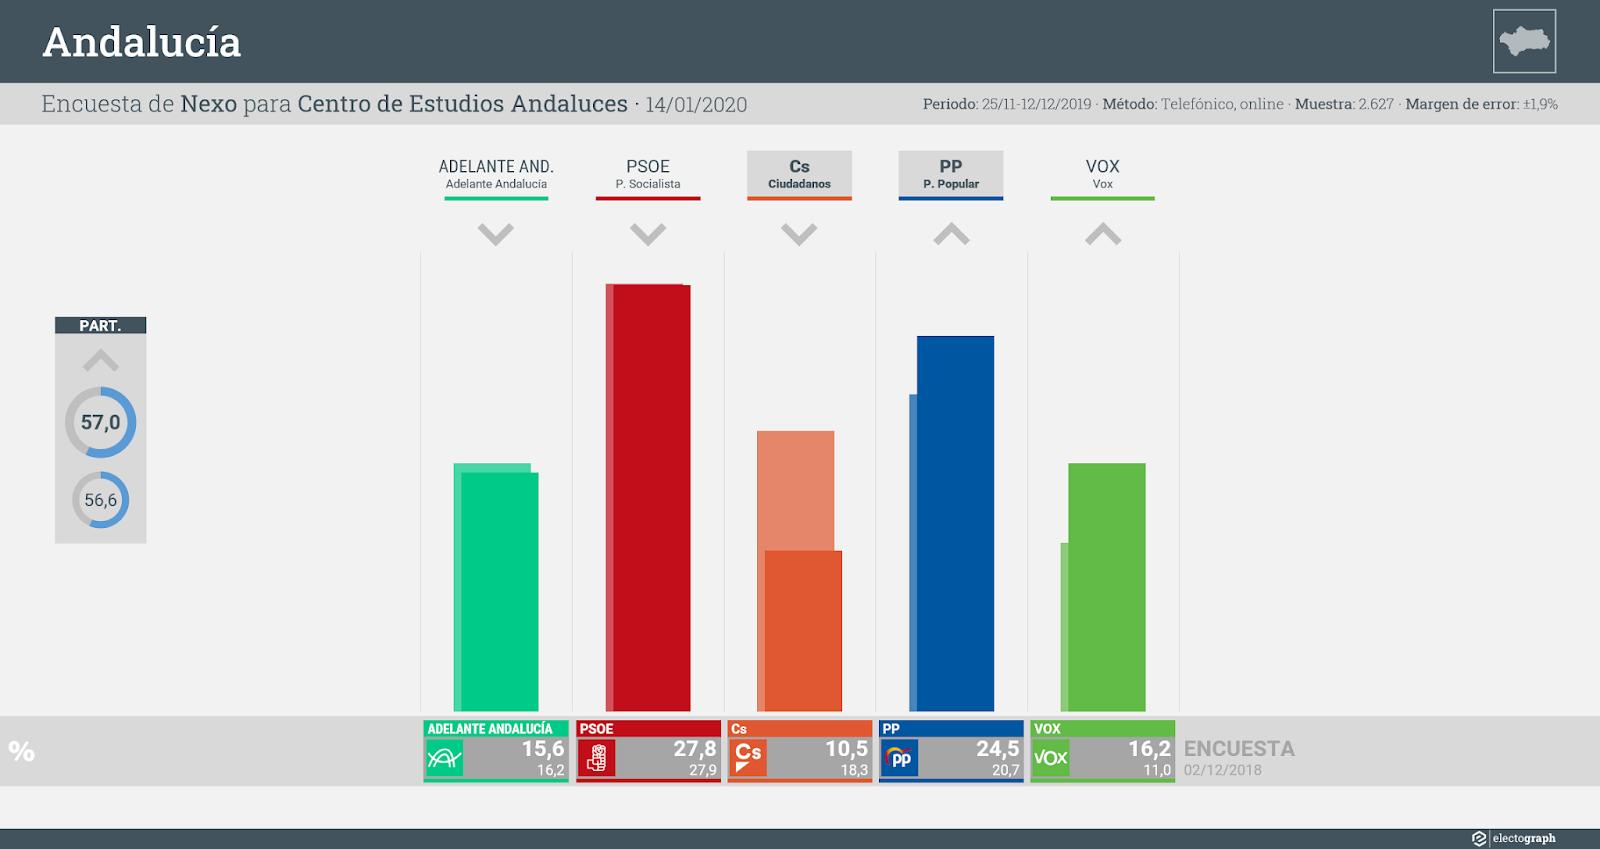 Gráfico de la encuesta para elecciones autonómicas en Andalucía realizada por Nexo para el Centro de Estudios Andaluces, 14 de enero de 2020